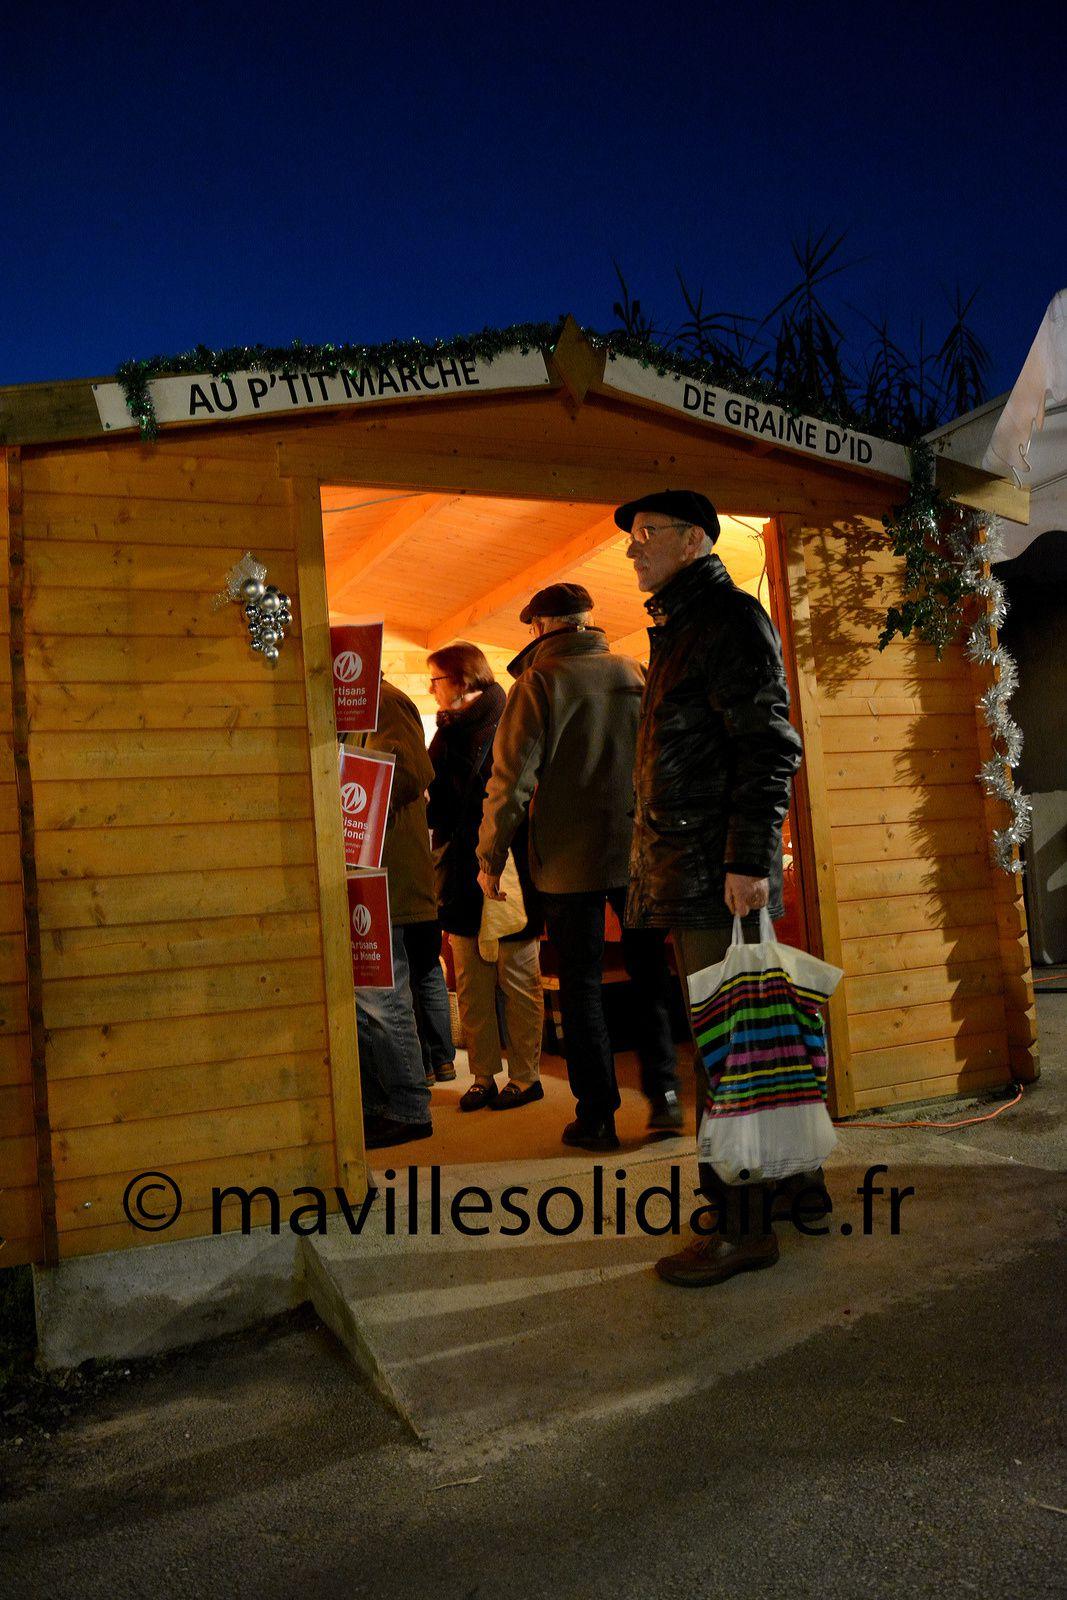 La Roche-sur-Yon. Le Marché de Noël de graine d'ID.